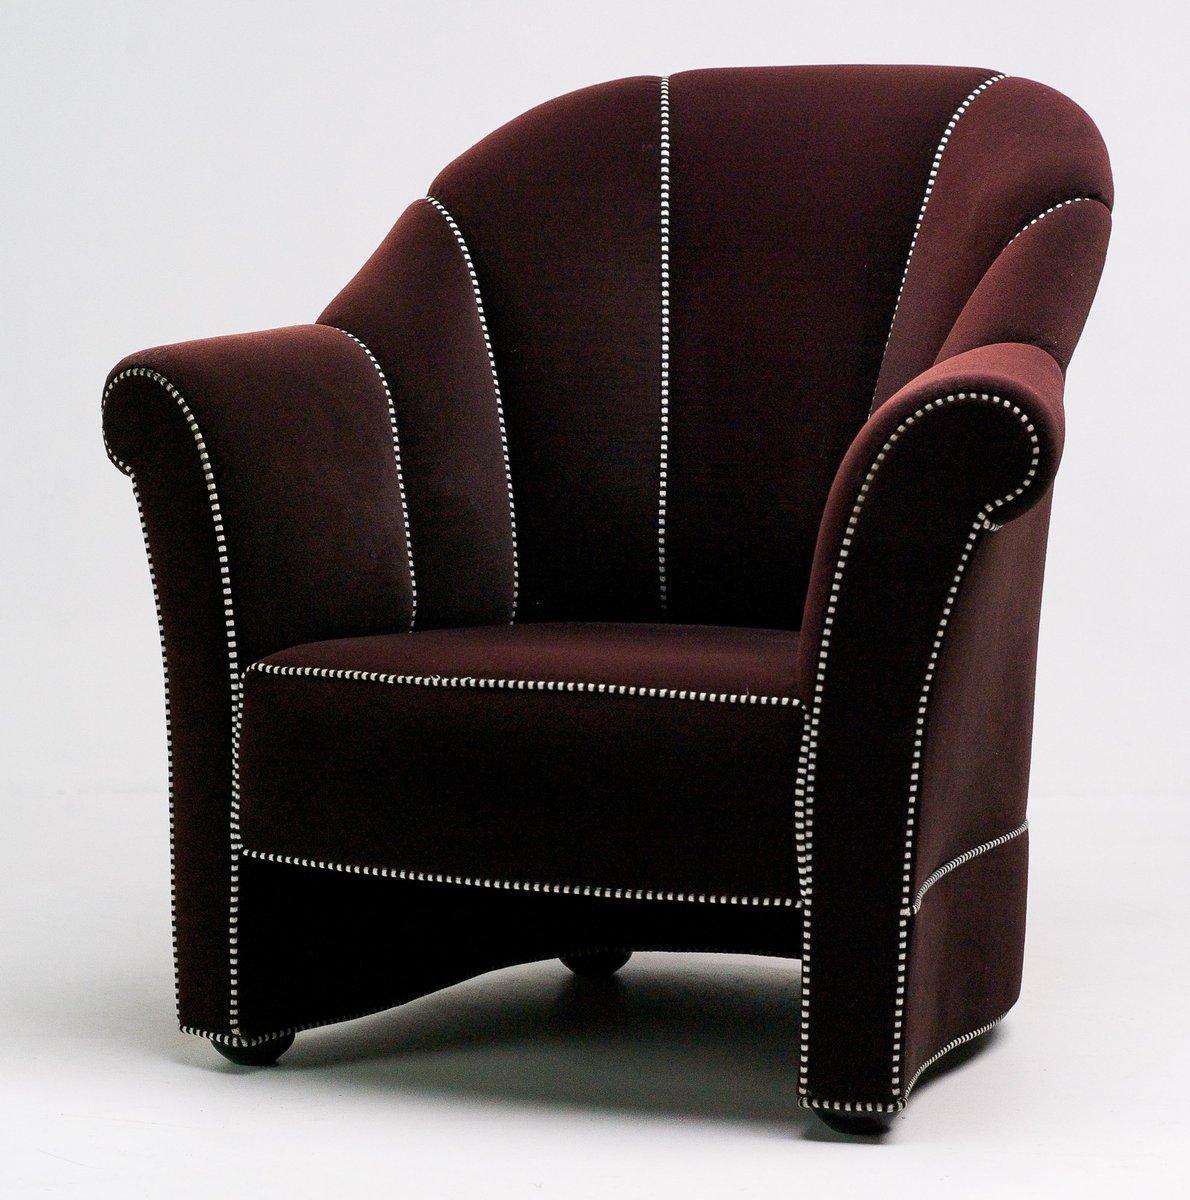 sesel von josef hoffmann f r wittmann 1980 bei pamono kaufen. Black Bedroom Furniture Sets. Home Design Ideas